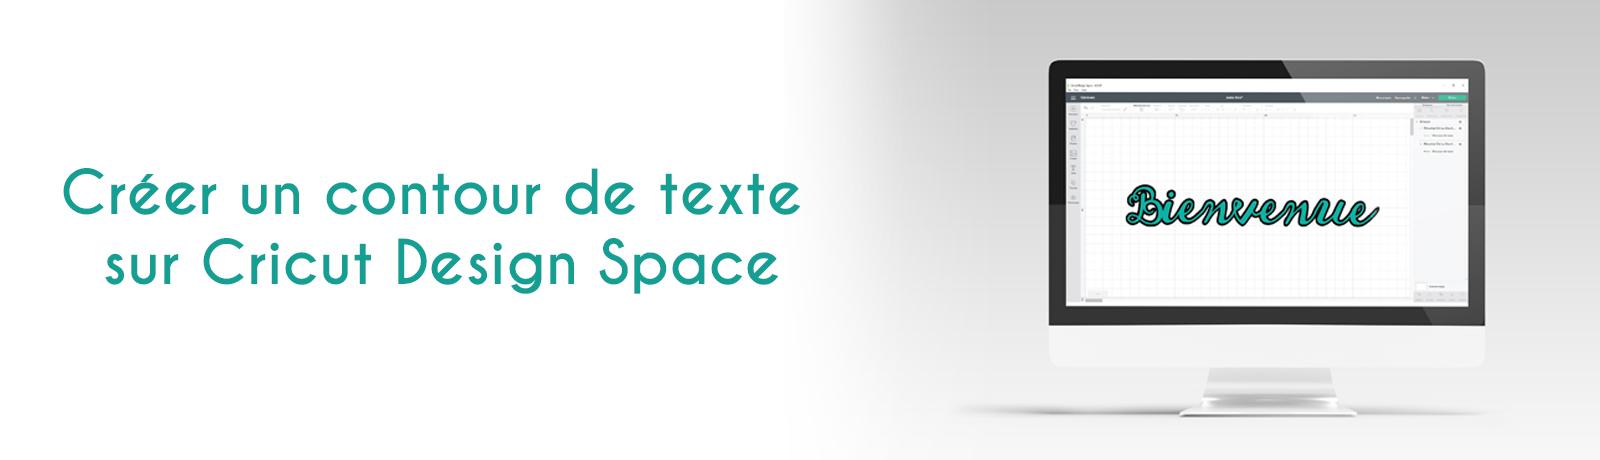 Créer un contour de texte sur Cricut Design Space